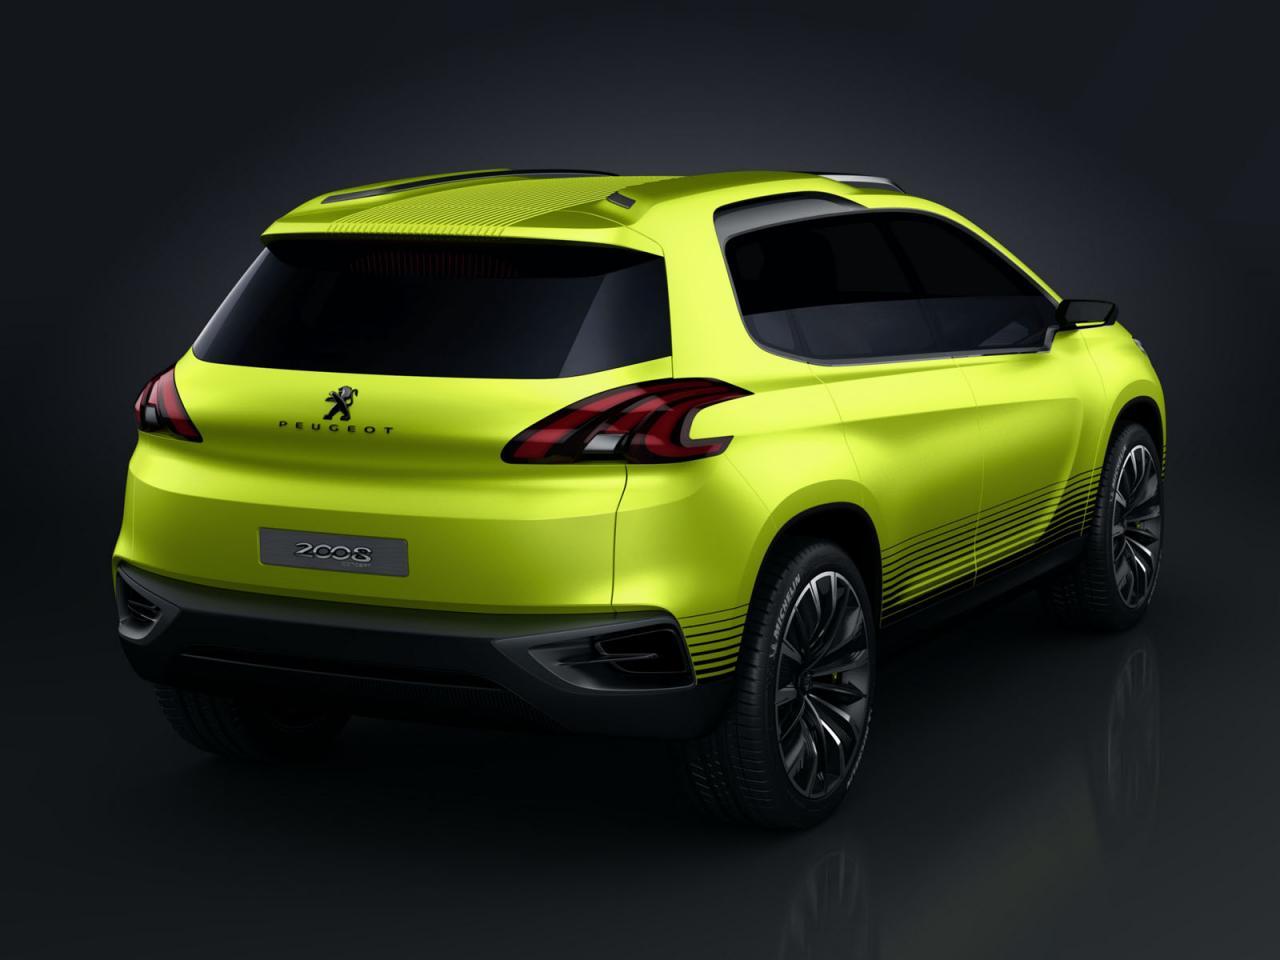 [Resim: Peugeot+2008+2.jpg]